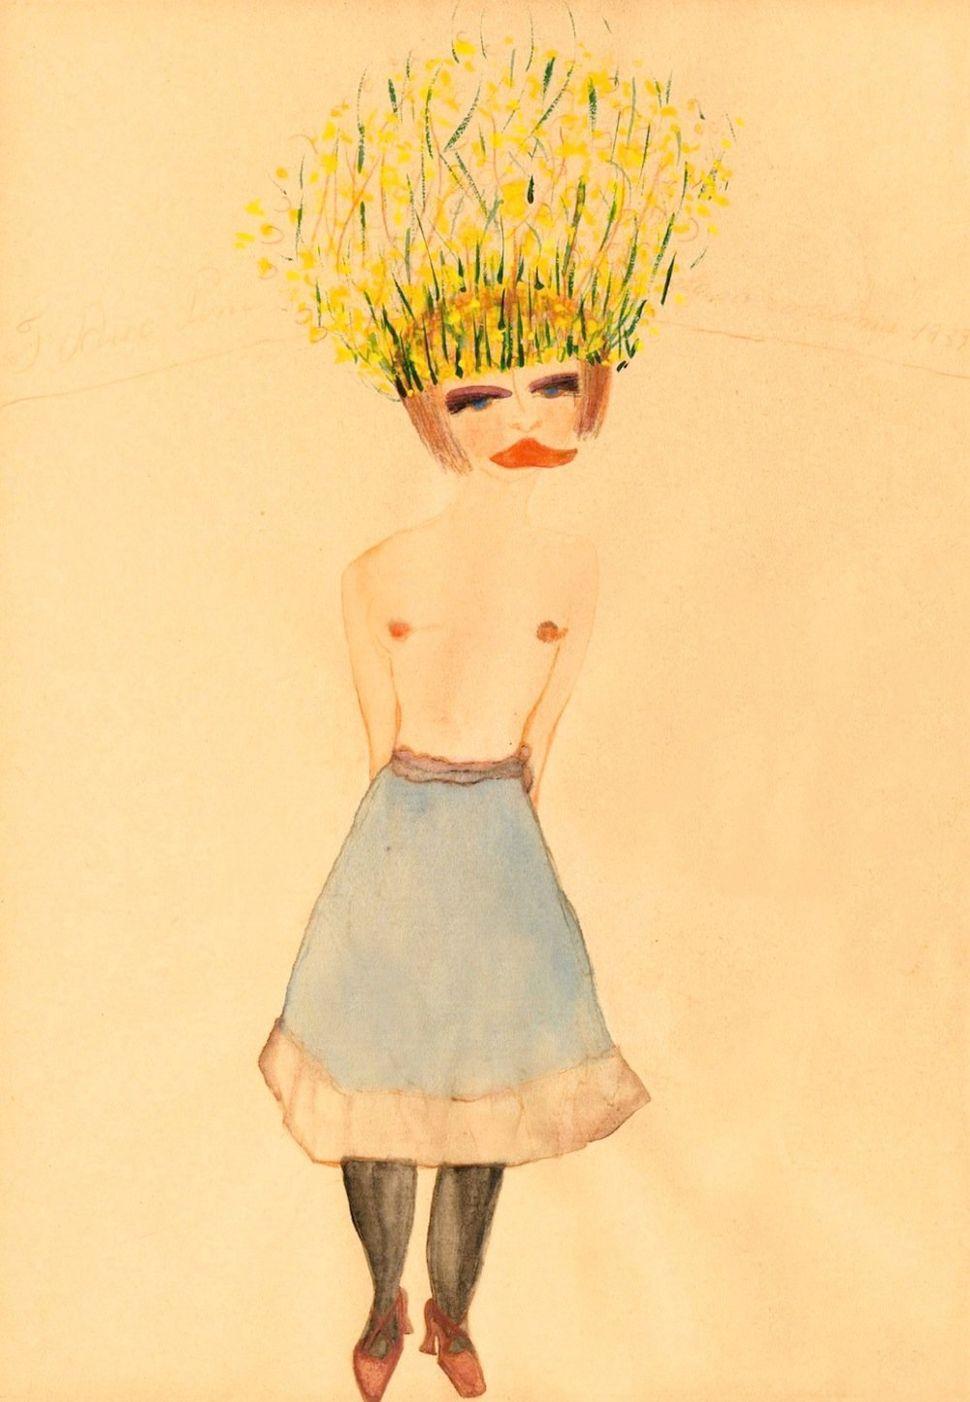 Appassionata 1939 Watercolour on paper Private Collection Photo: Pino Dell'Aquila, Torino